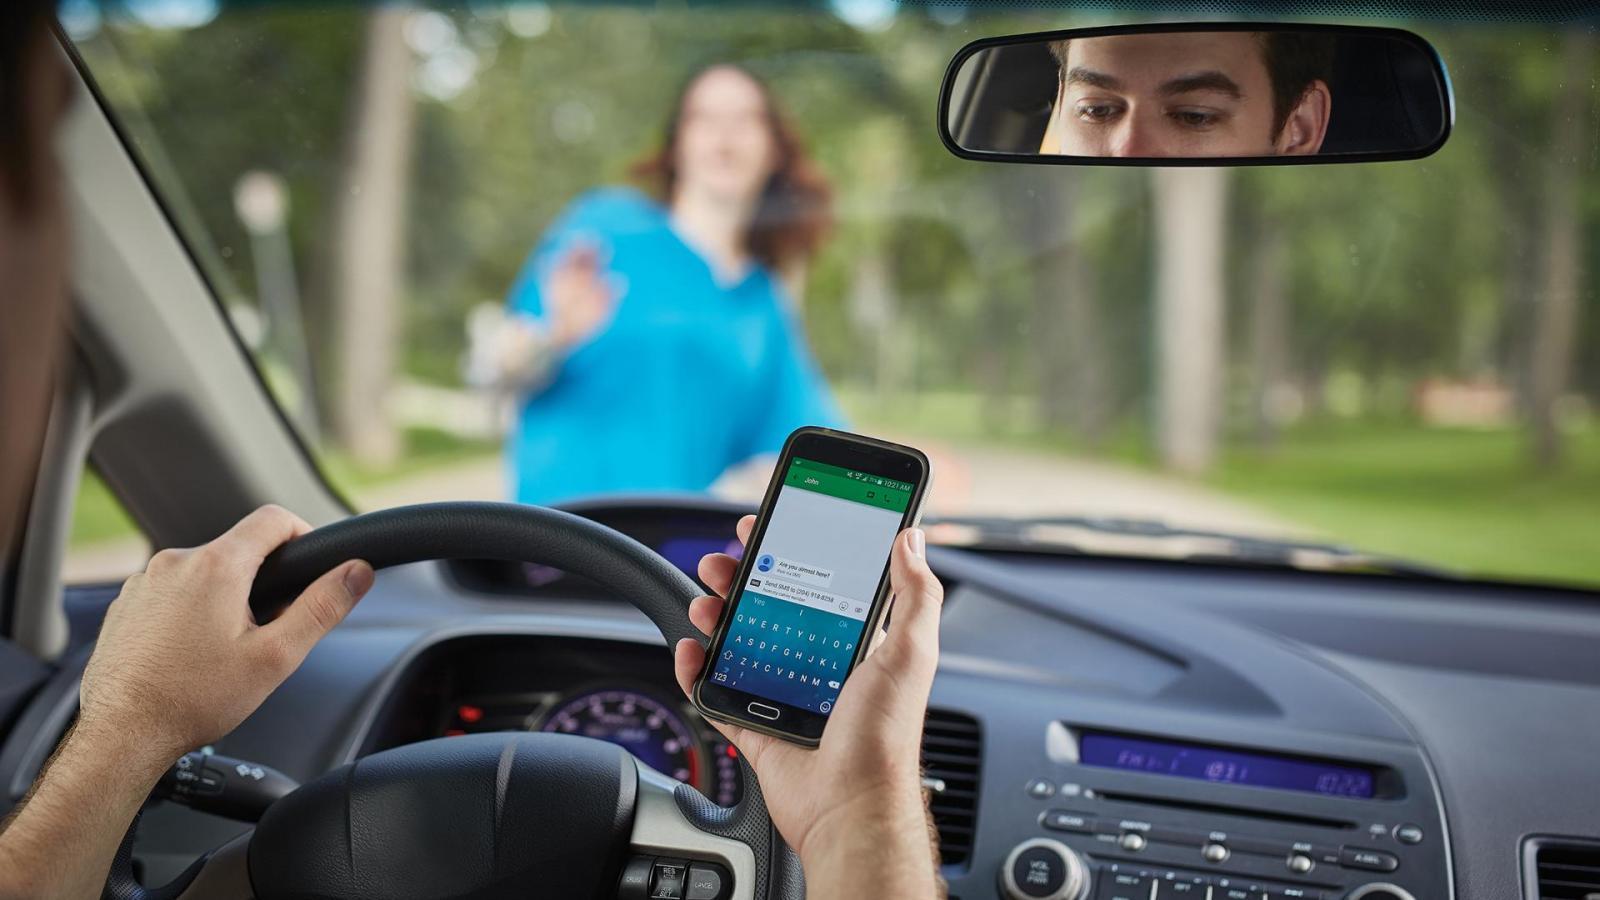 Увеличат ли штраф для водителей за пользование телефоном